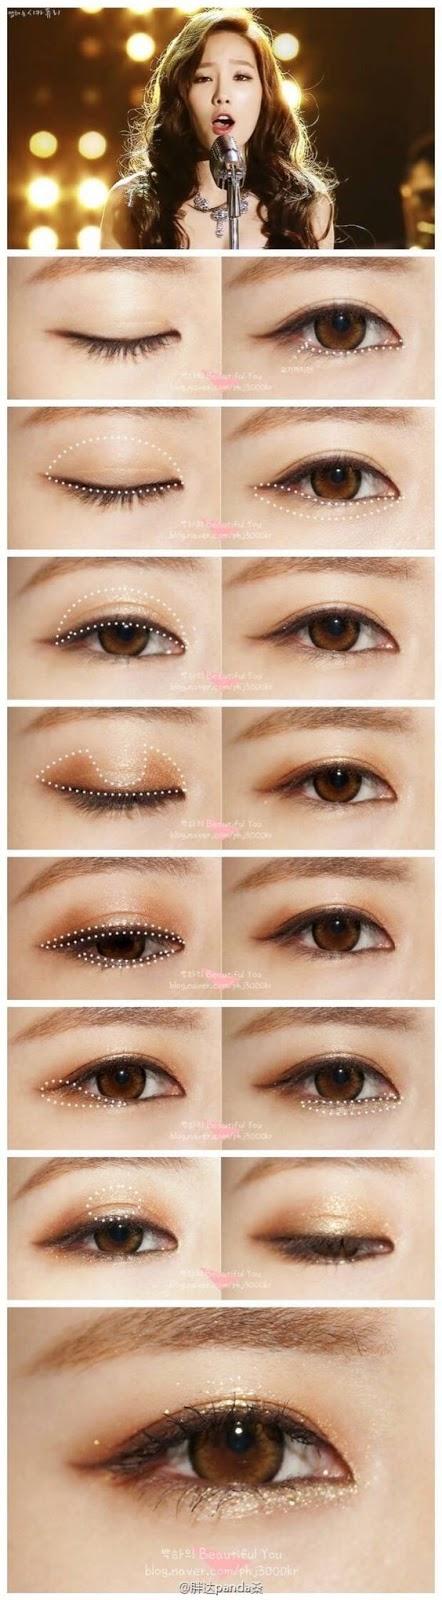 วิธีแต่งตาด้วย Brown Eyeliner